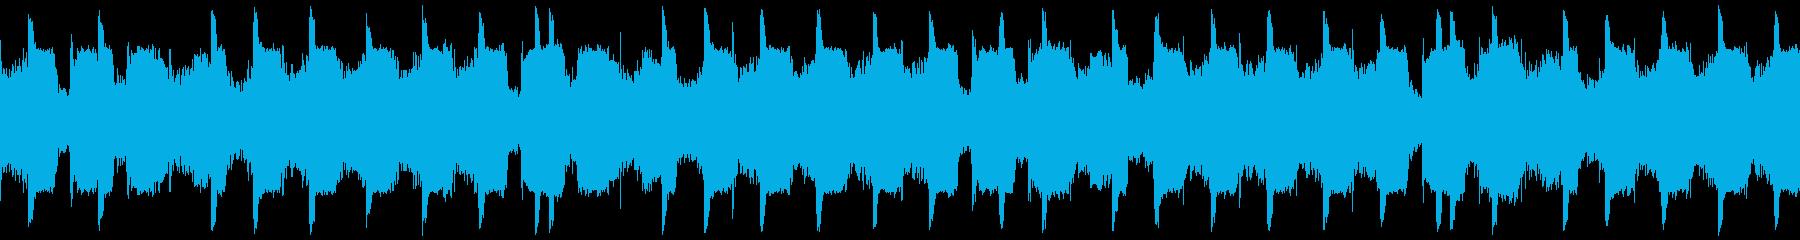 EDM Anthem Lead Synの再生済みの波形